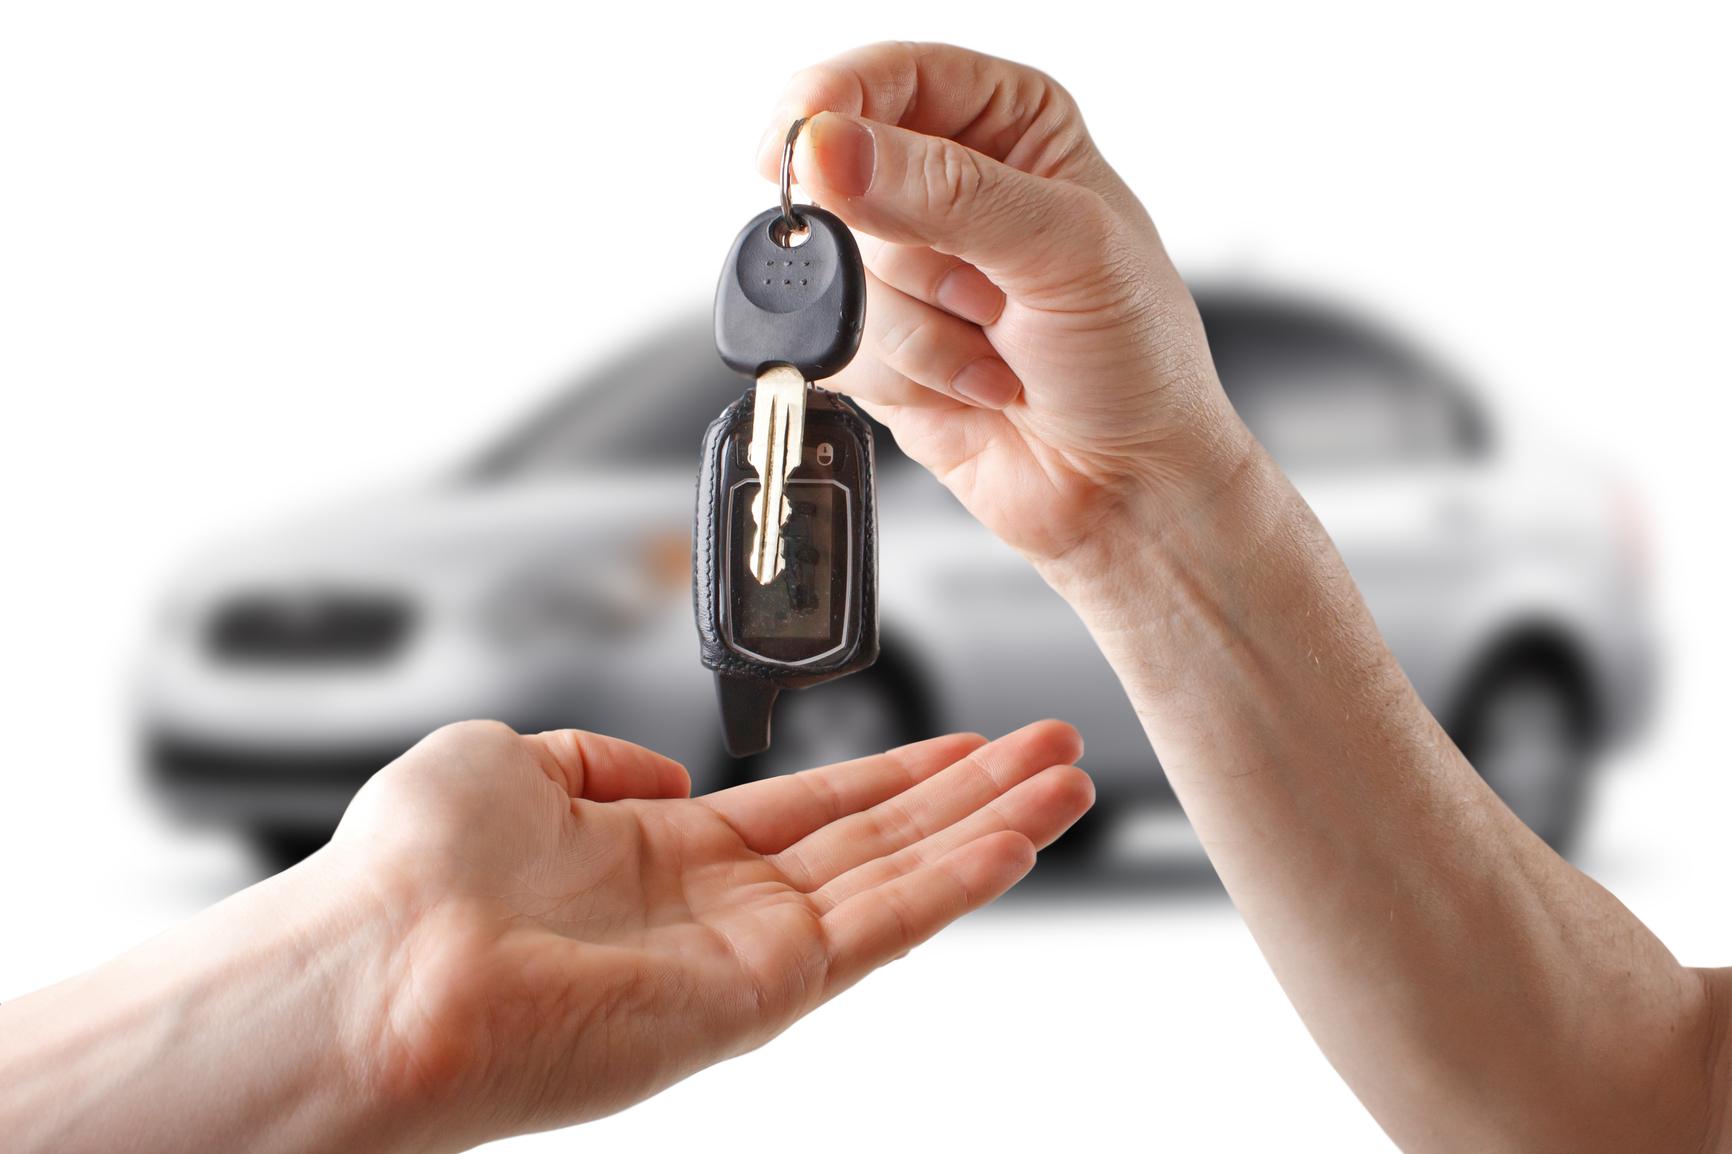 Perdida total de la llave de su coche